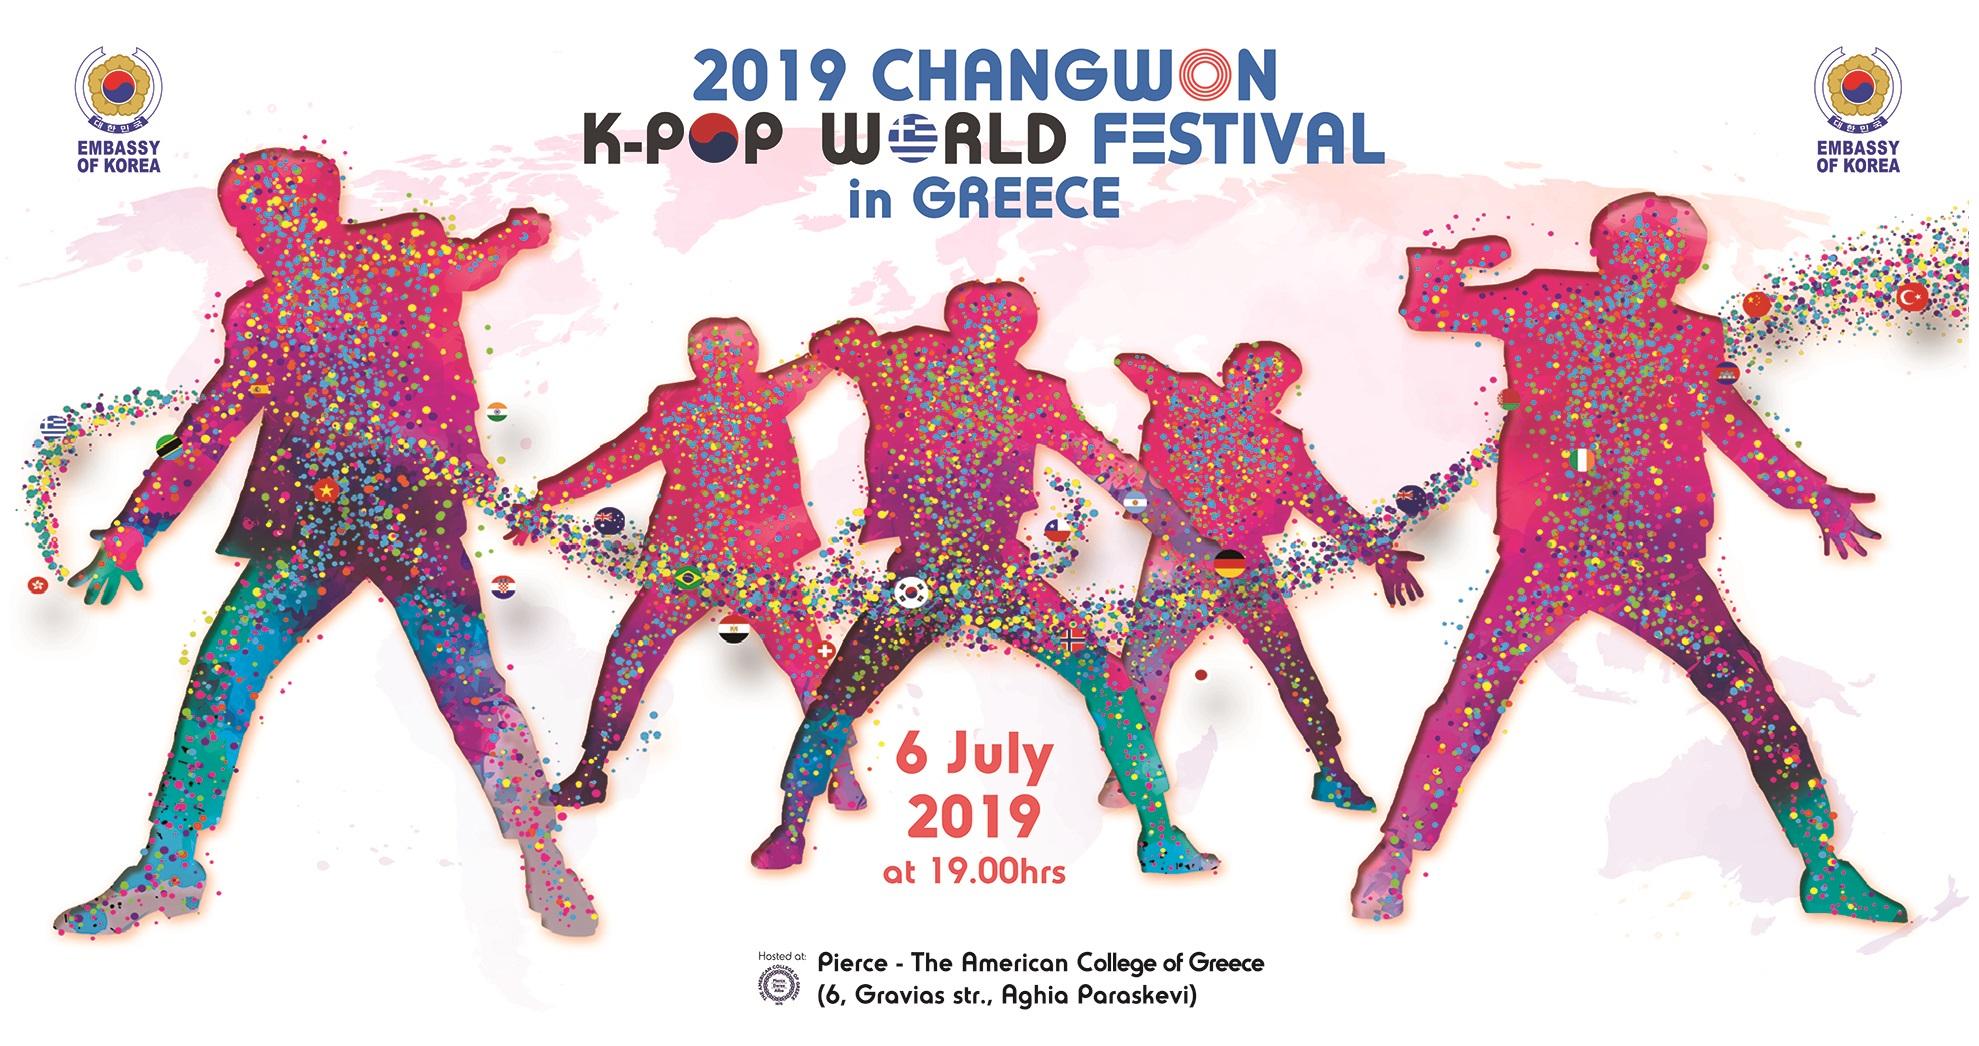 K-pop World Festival 2019